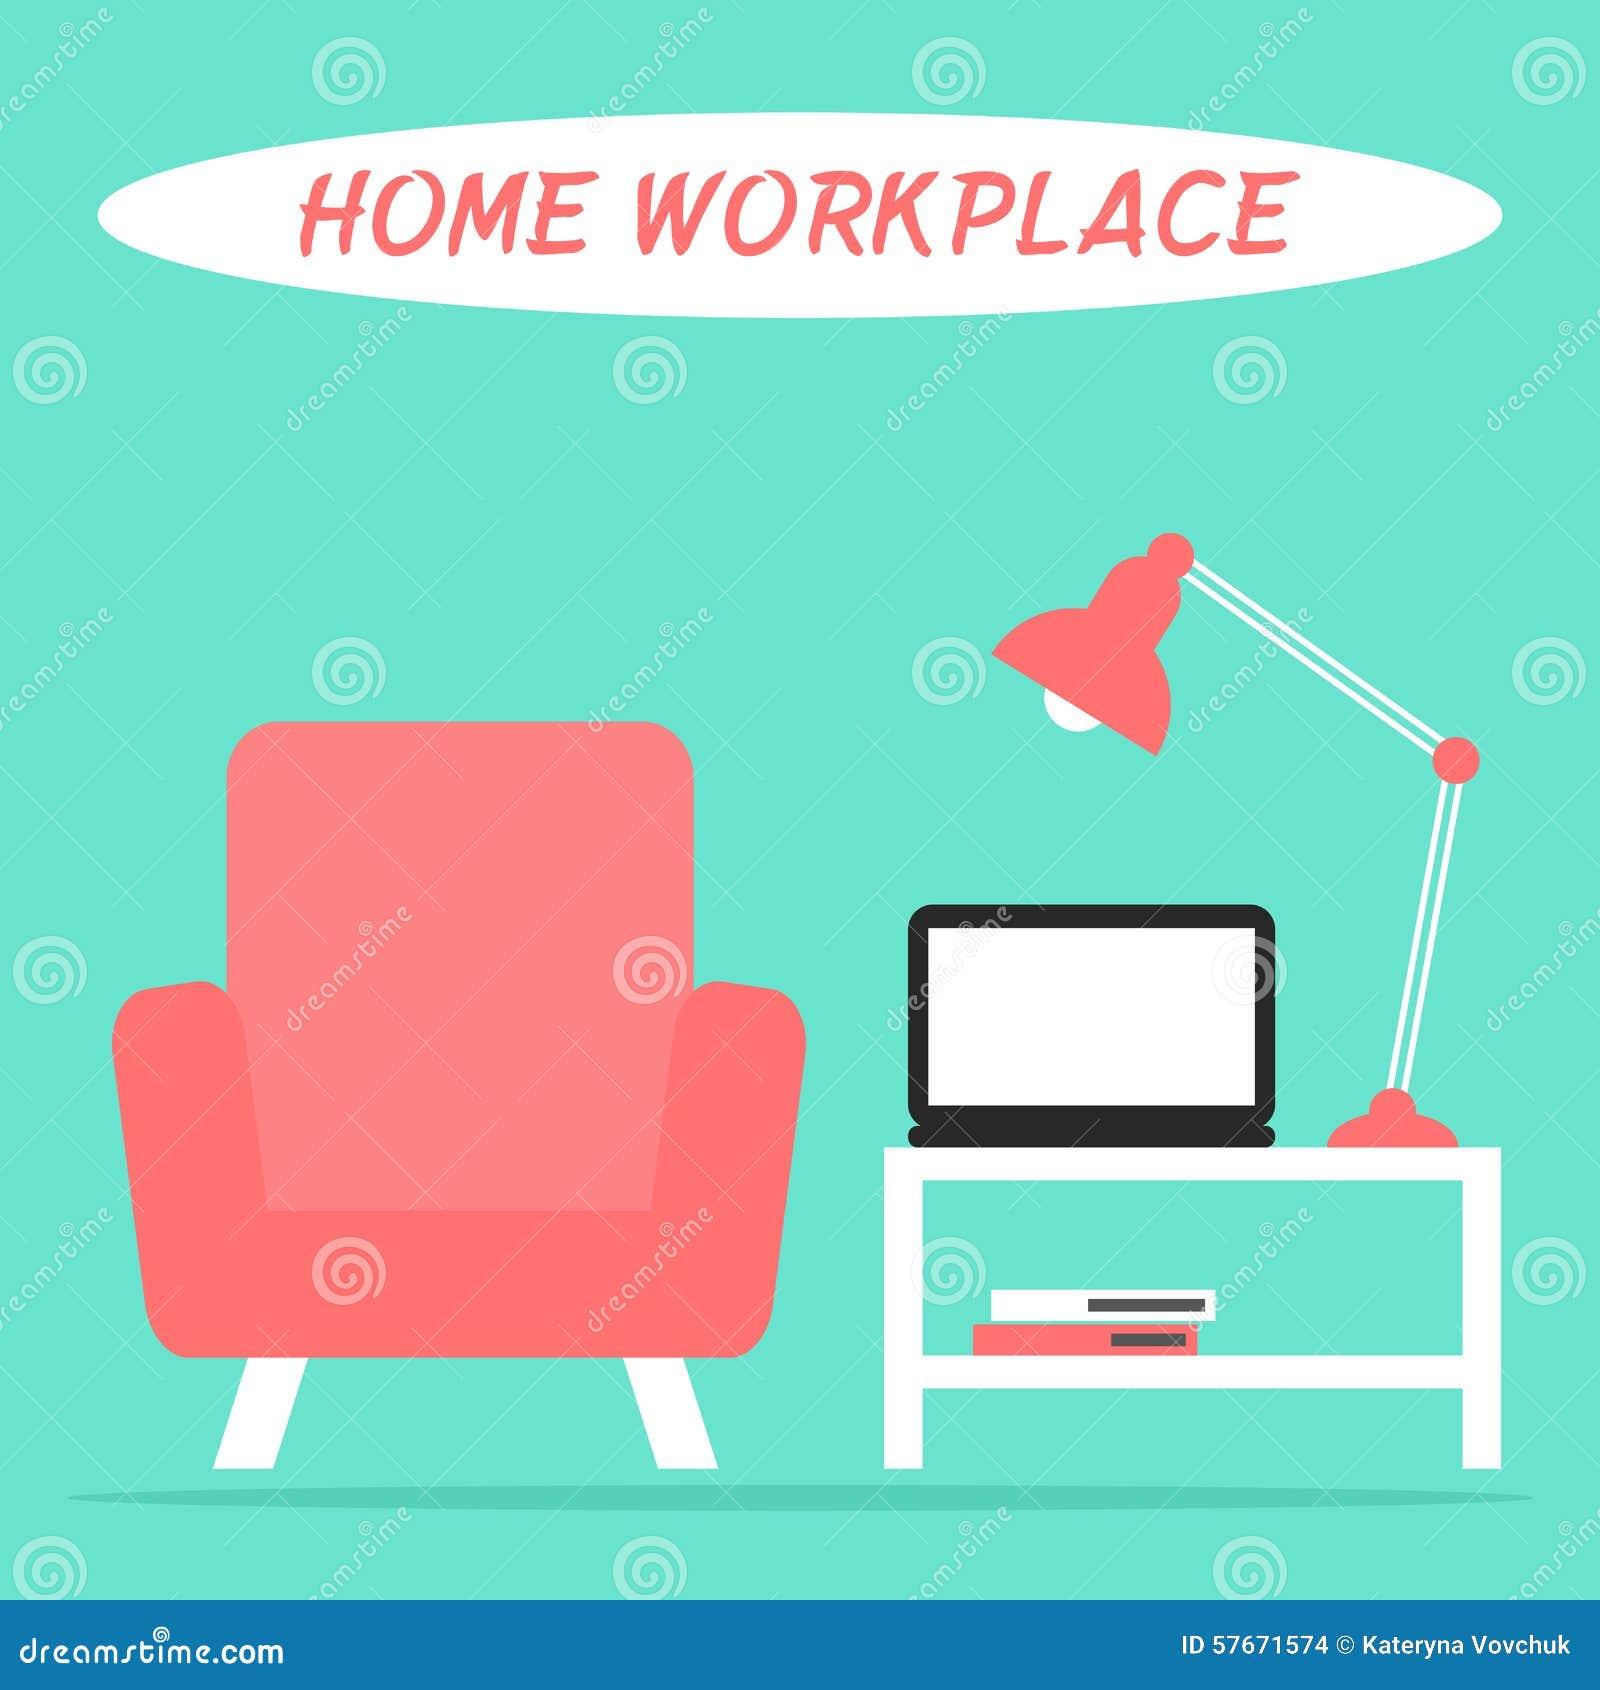 客厅内部的家庭工作场所与膝上型计算机、灯、扶手椅子和桌